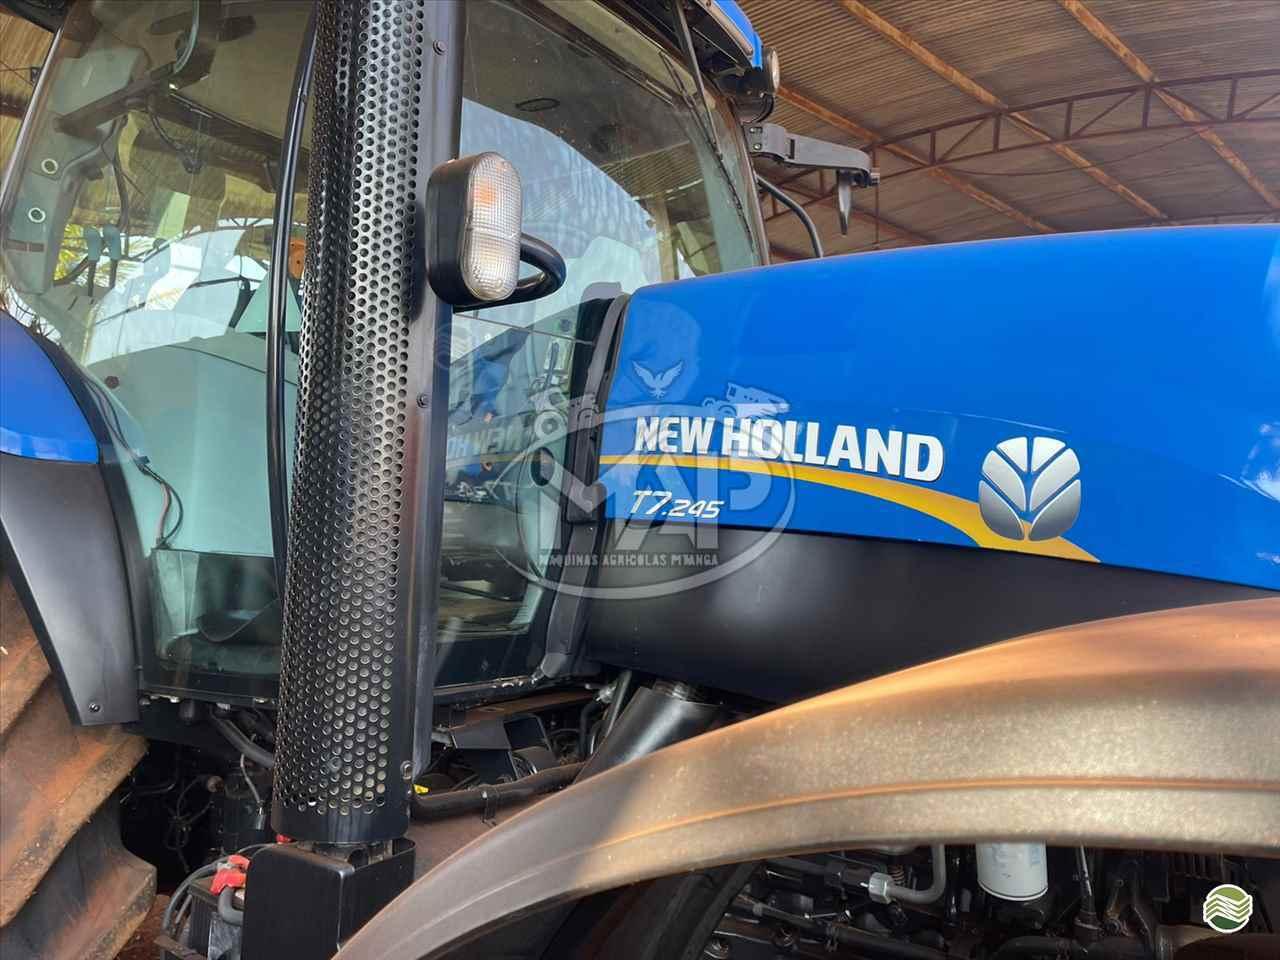 TRATOR NEW HOLLAND NEW T7 245 Tração 4x4 Máquinas Agrícolas Pitanga PITANGA PARANÁ PR